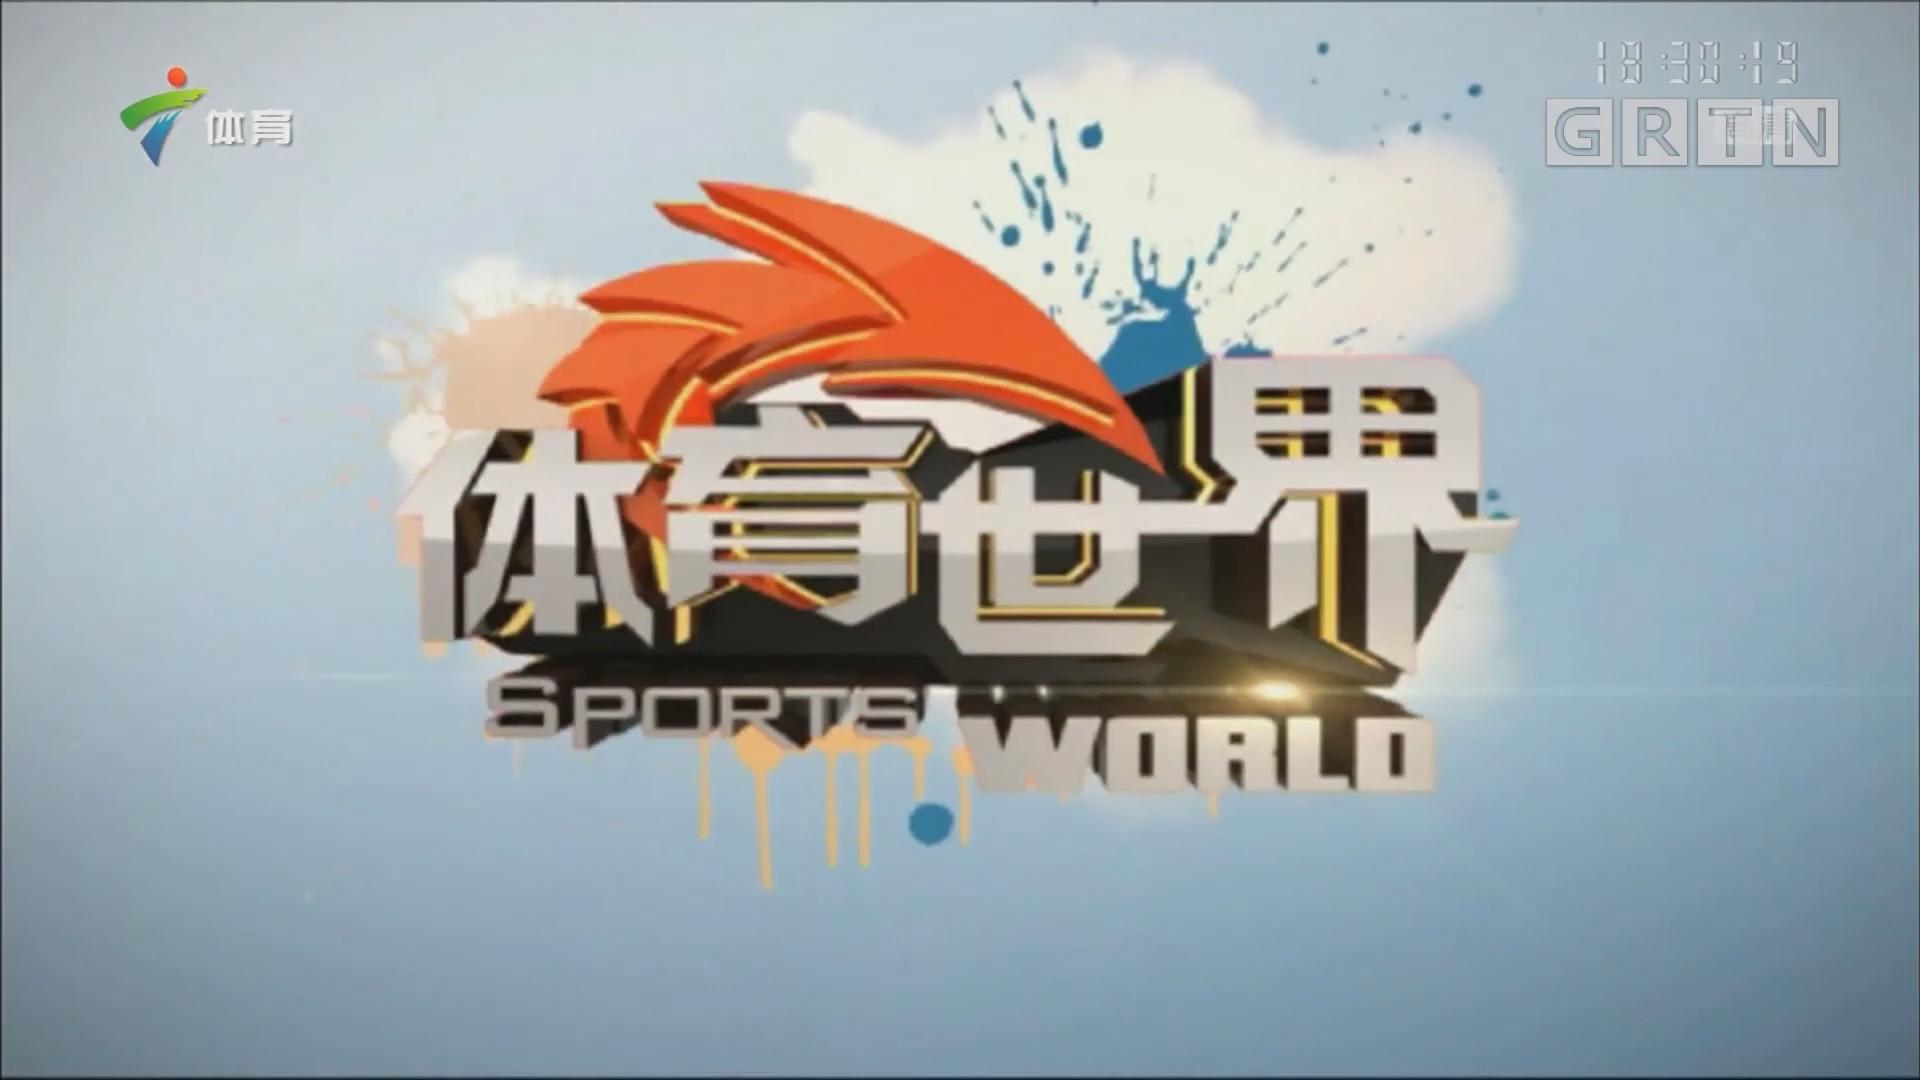 [HD][2018-05-01]体育世界:广东体育频道车队夺得超级耐力赛组别第一